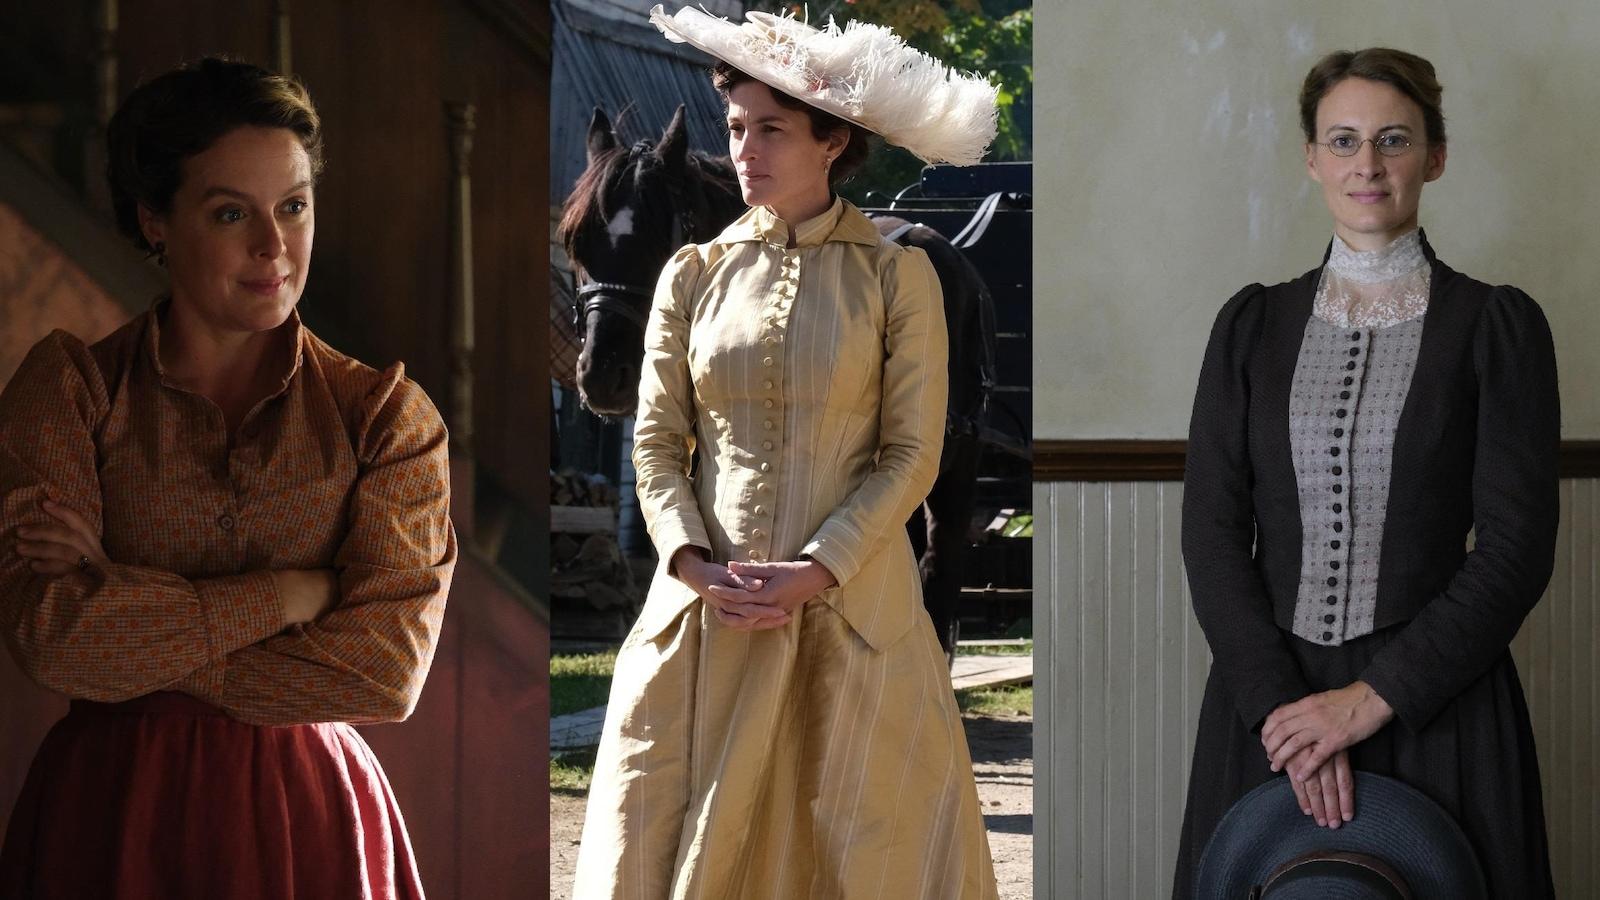 Trois femmes en costumes d'époque.